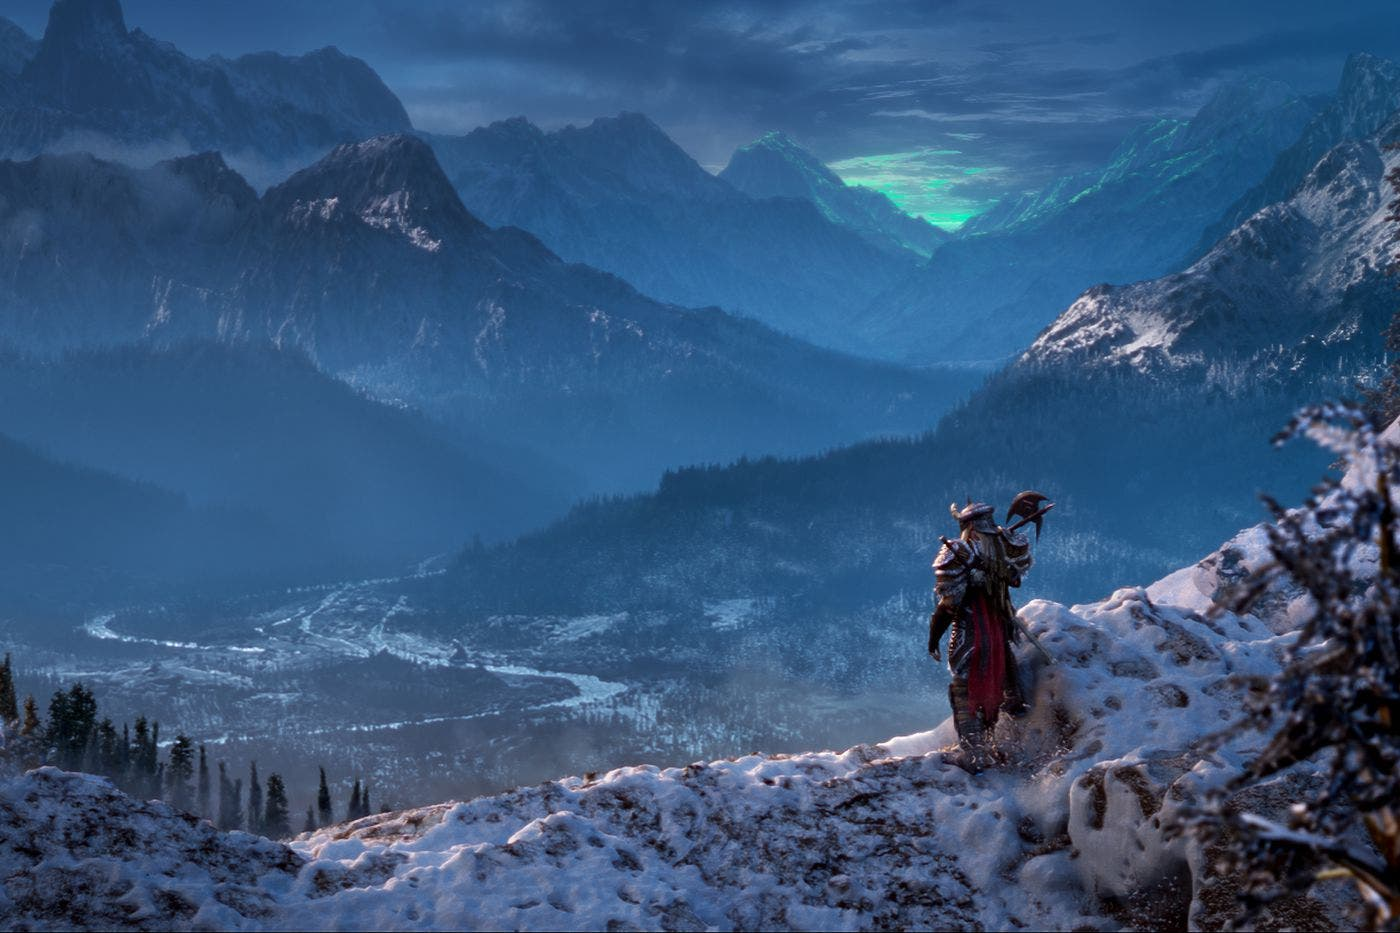 The Elder Scrolls Online continúa la senda hacia Skyrim V 7